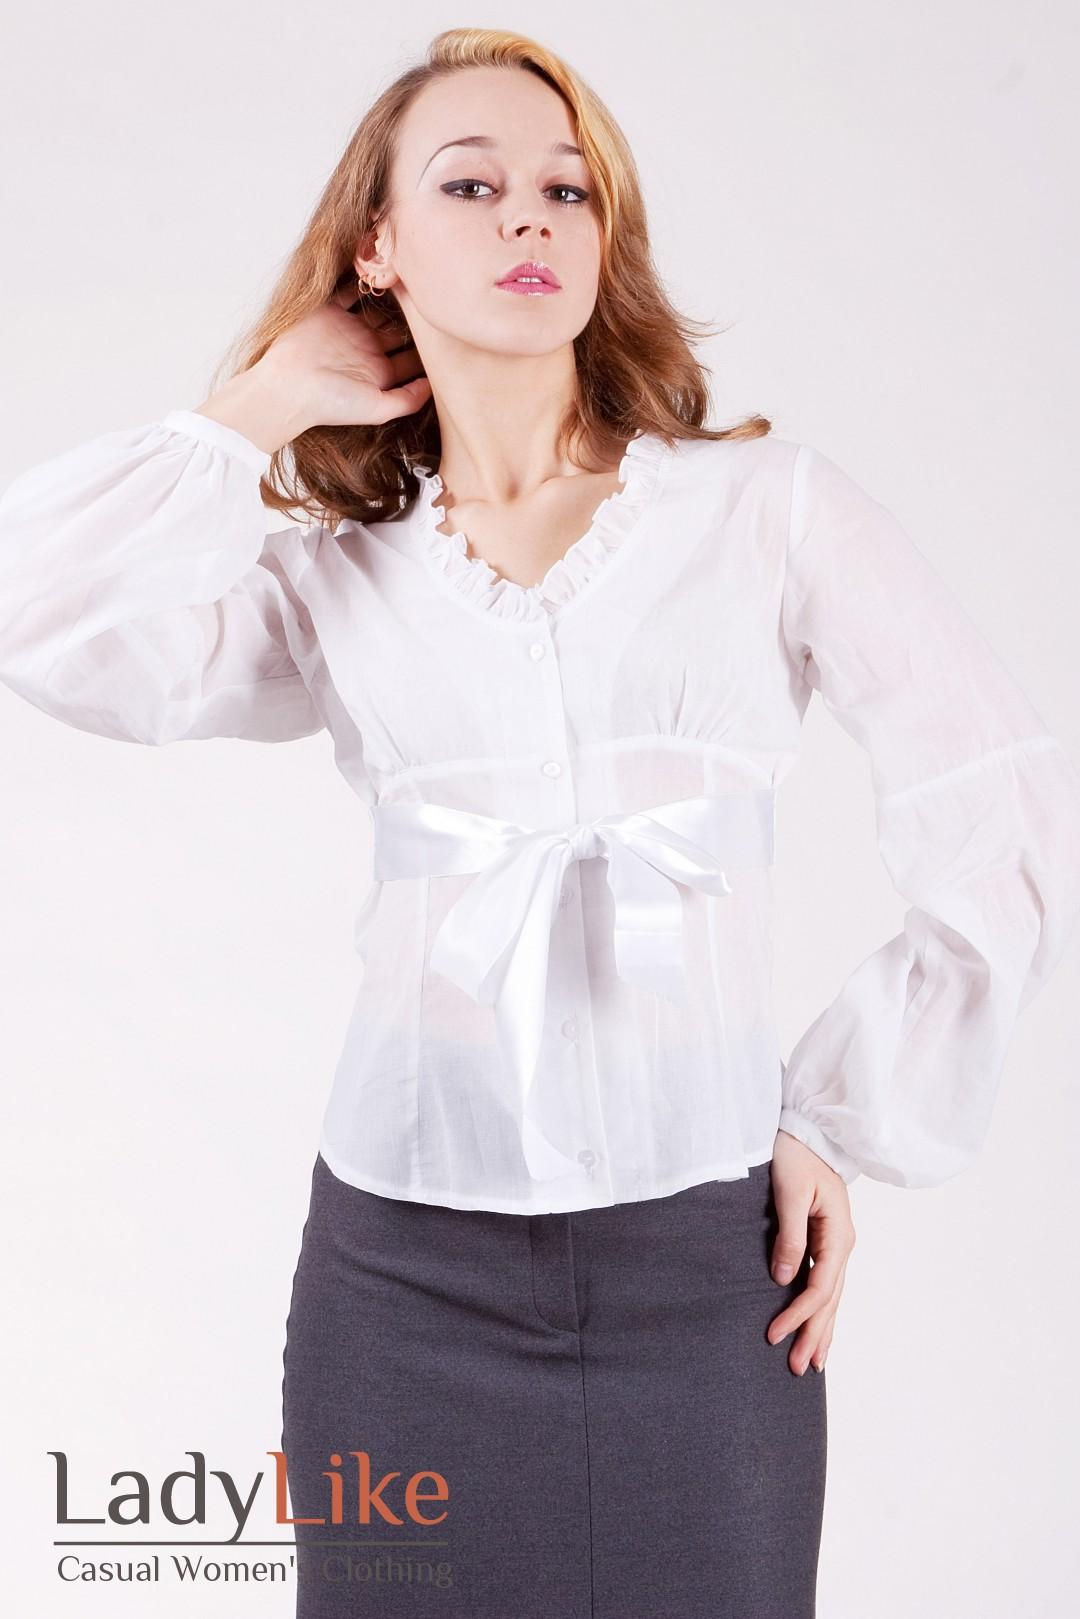 Белая Блузка Покрасилась В Челябинске